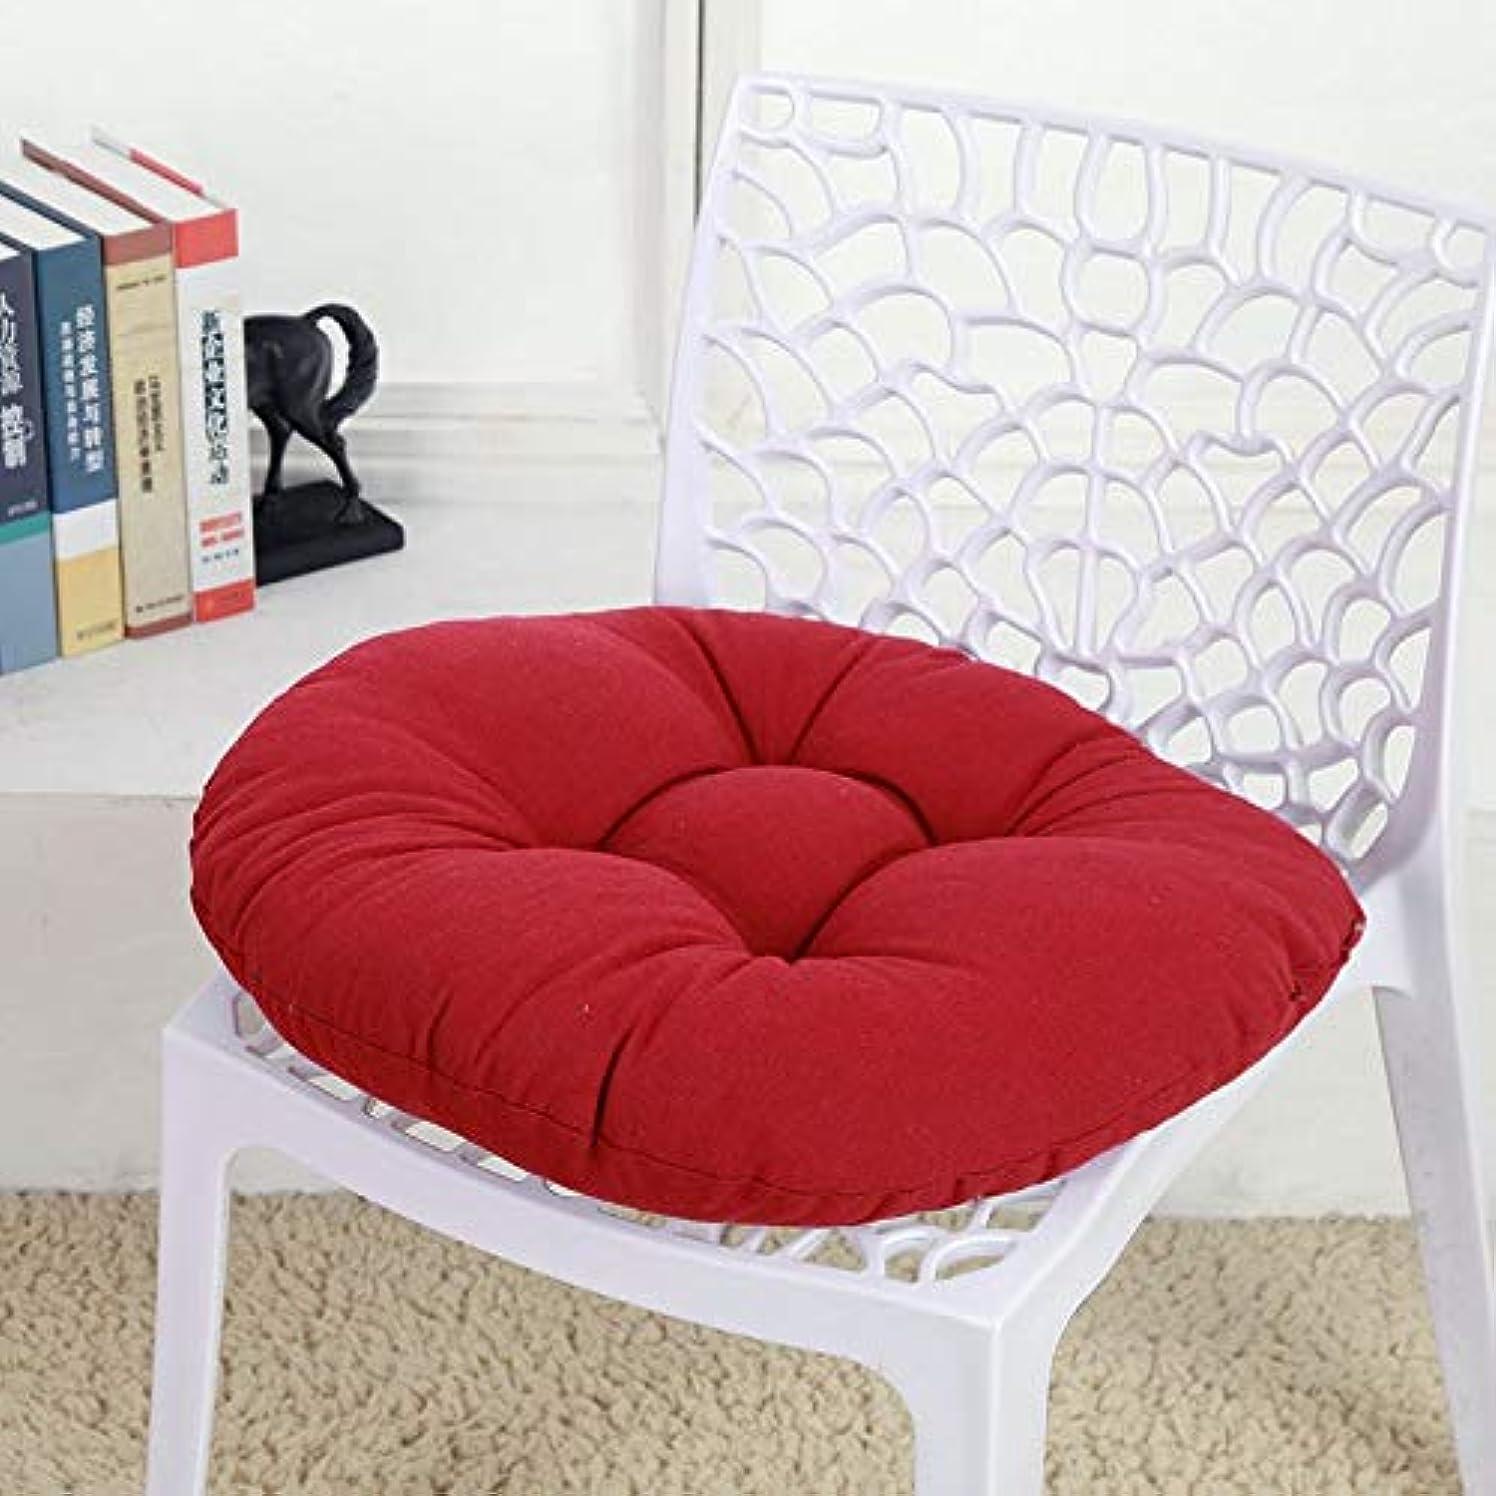 バケツうん付与LIFE キャンディカラーのクッションラウンドシートクッション波ウィンドウシートクッションクッション家の装飾パッドラウンド枕シート枕椅子座る枕 クッション 椅子